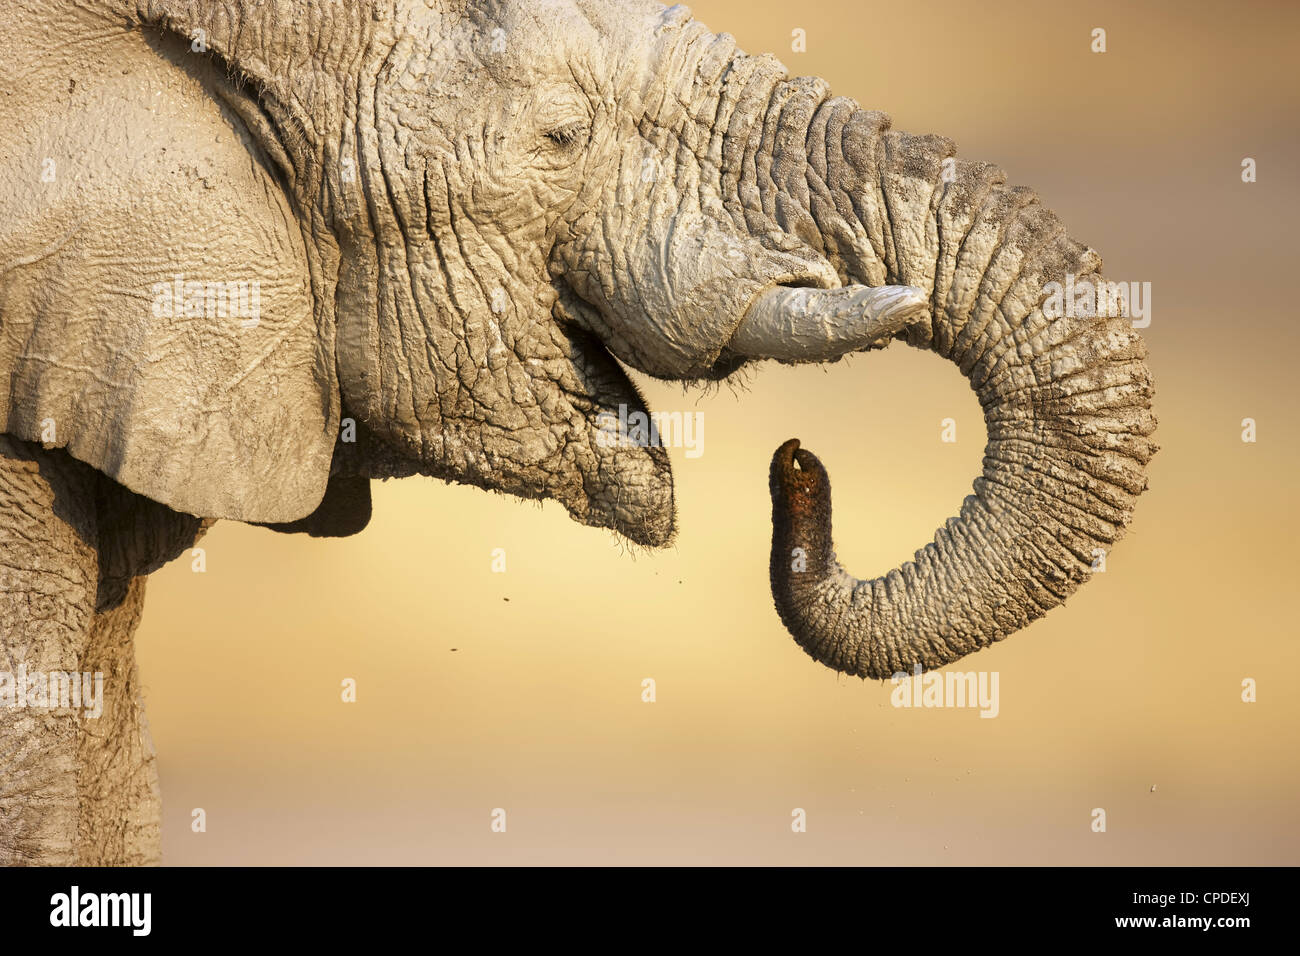 Vista ravvicinata di un elefante fangoso acqua potabile in Etosha Foto Stock